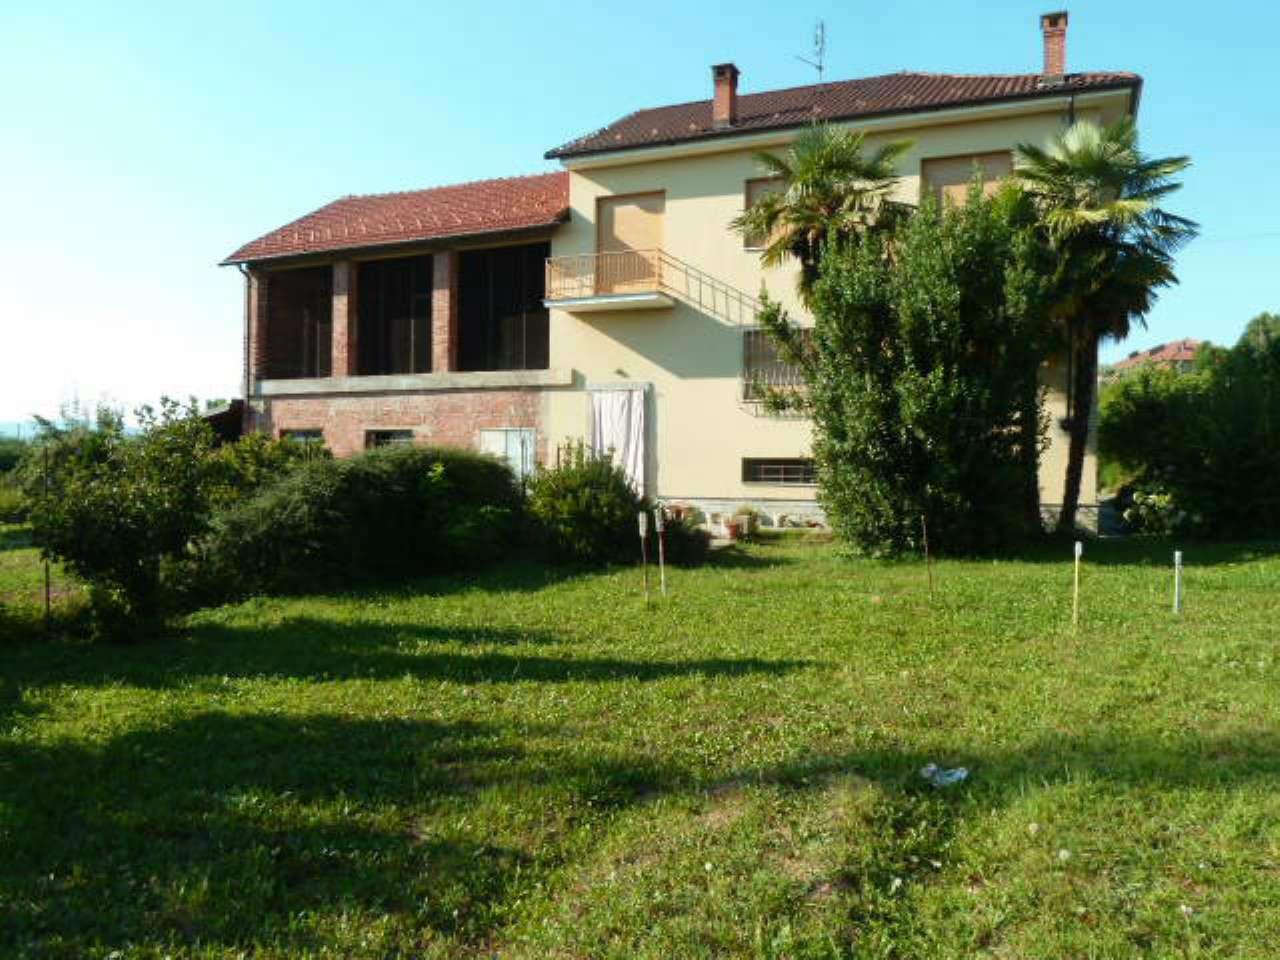 Soluzione Indipendente in vendita a Riva Presso Chieri, 10 locali, prezzo € 186.000 | PortaleAgenzieImmobiliari.it